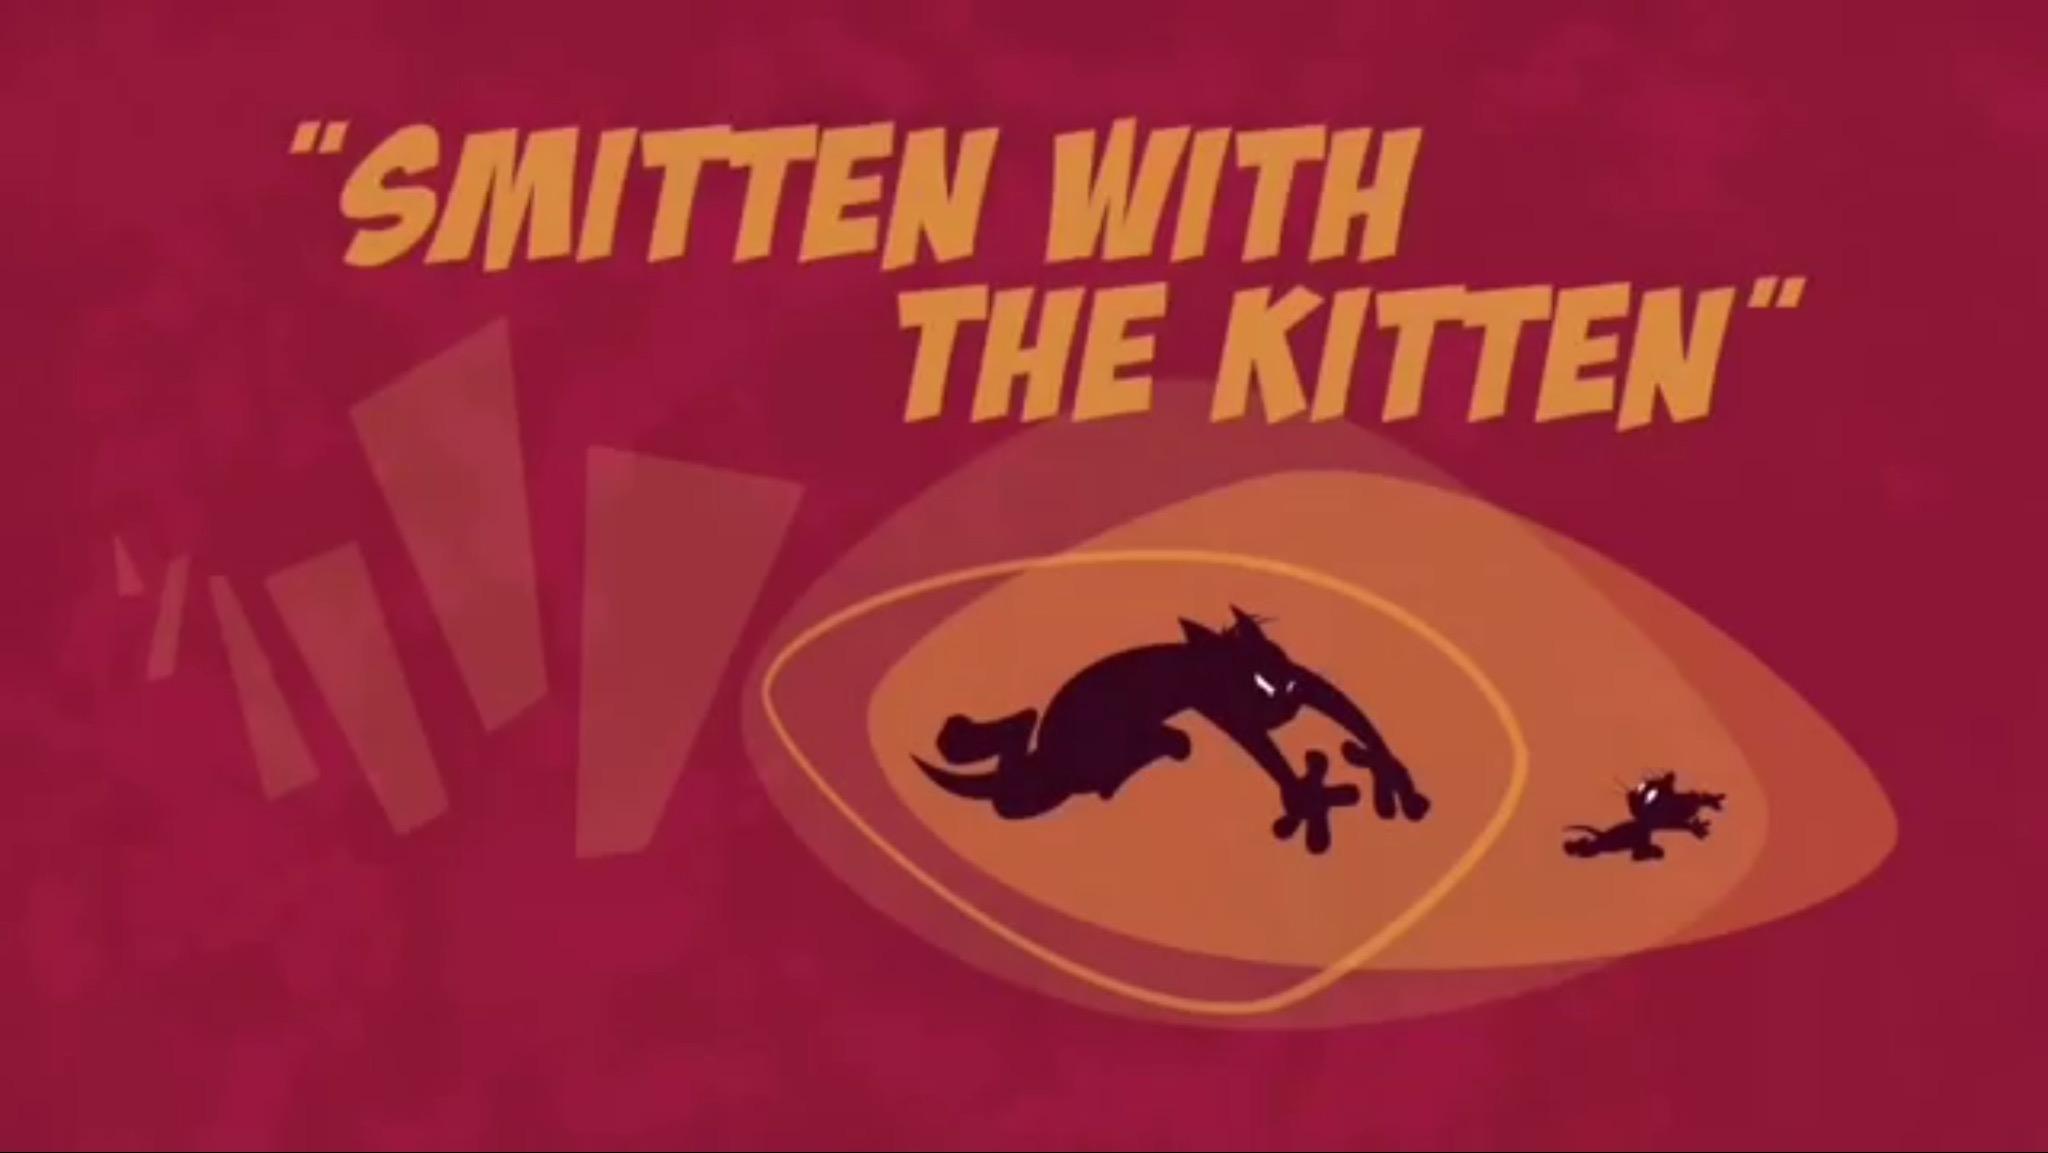 Smitten with the Kitten